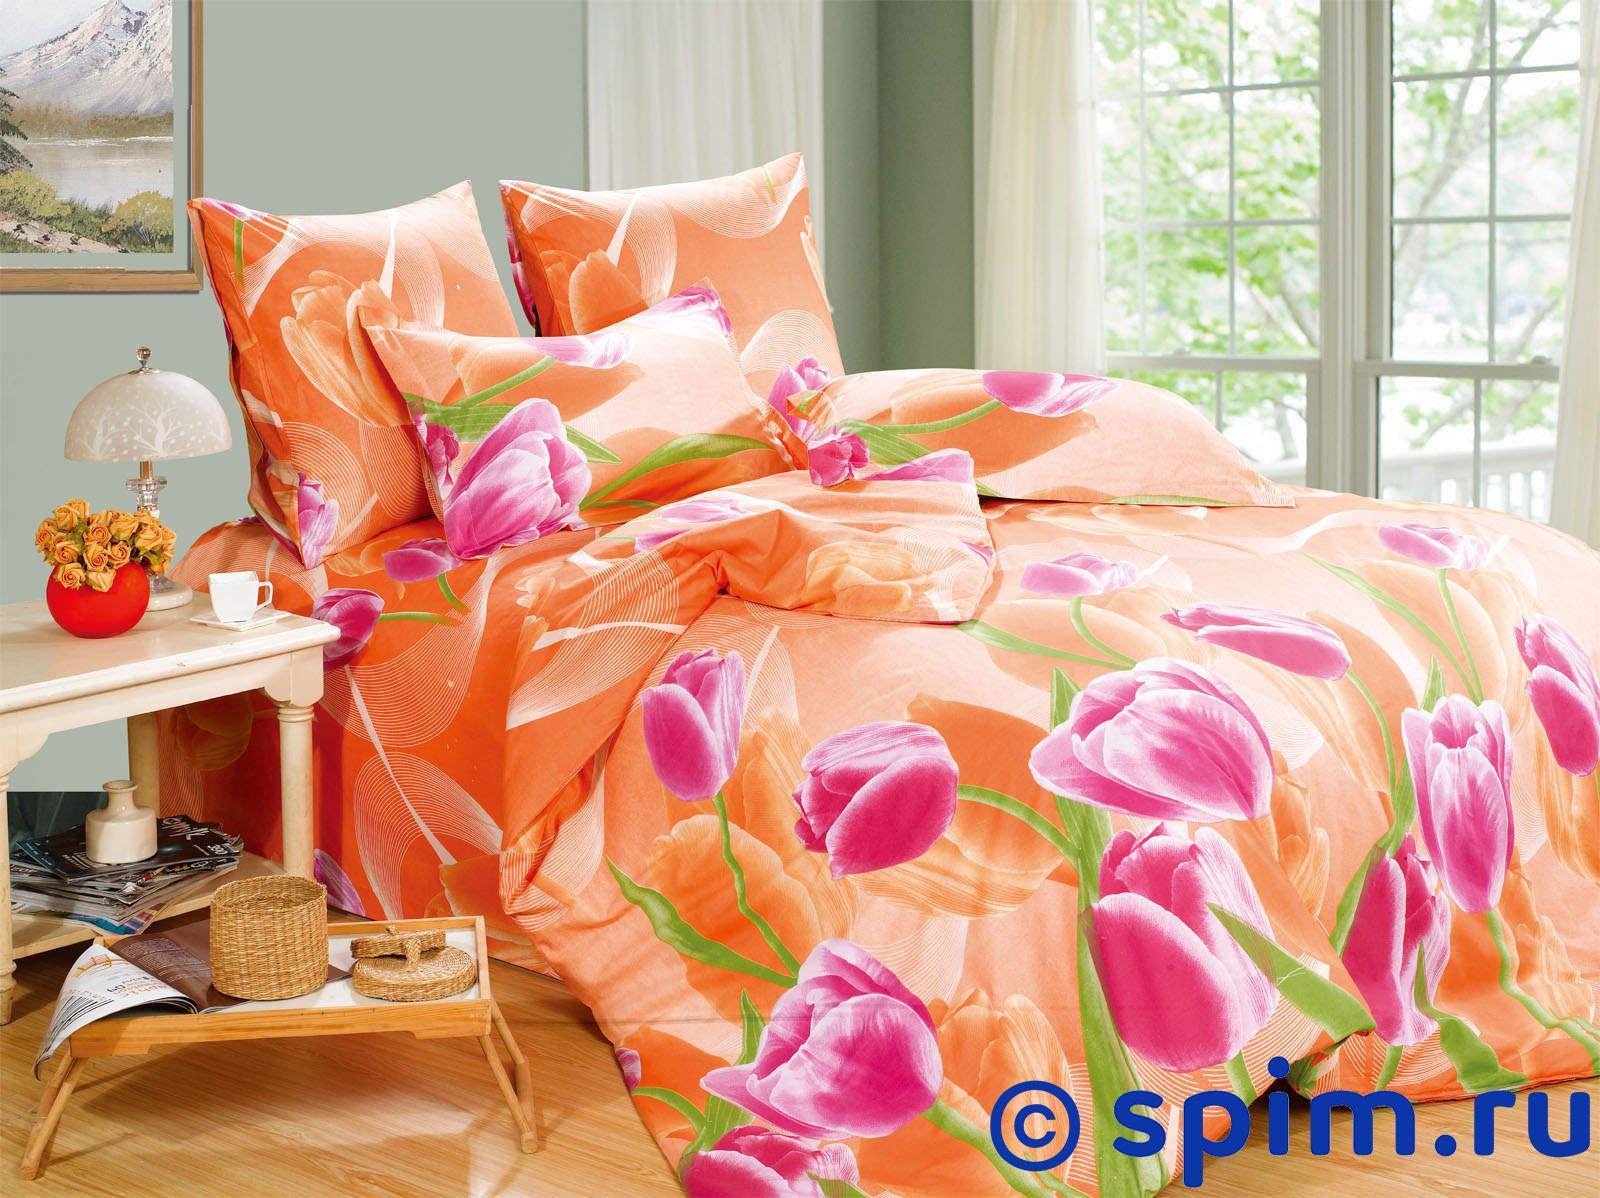 Комплект СайлиД А131 1.5 спальное